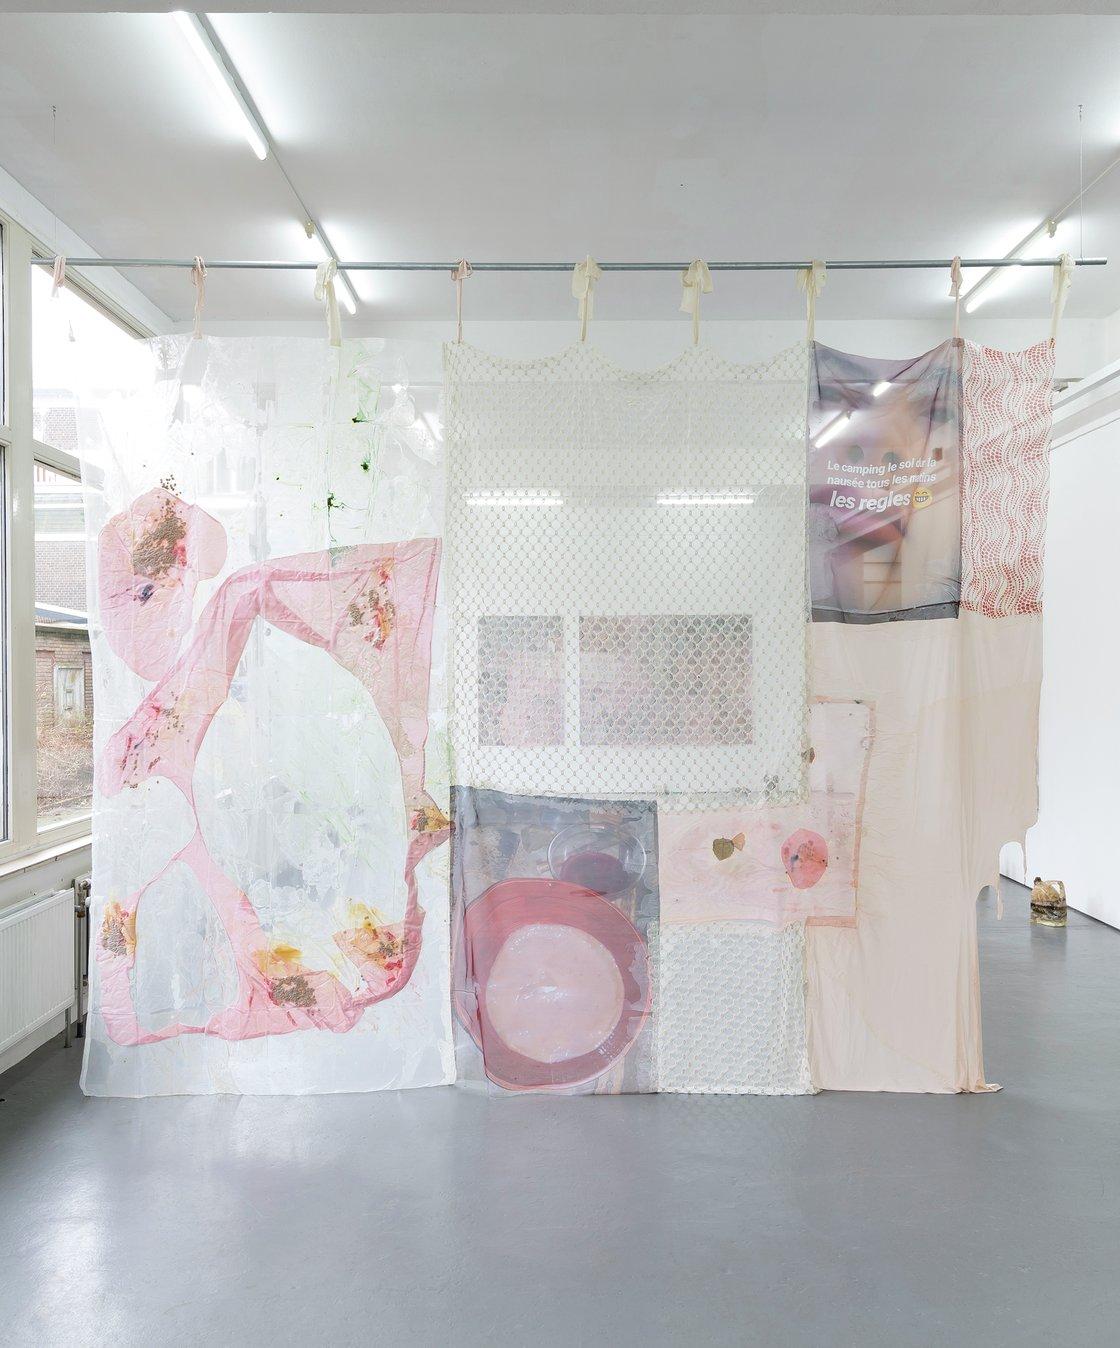 Mimosa Echard, Le camping, le sol dur, la nausée tous les matins, les règles, 2020